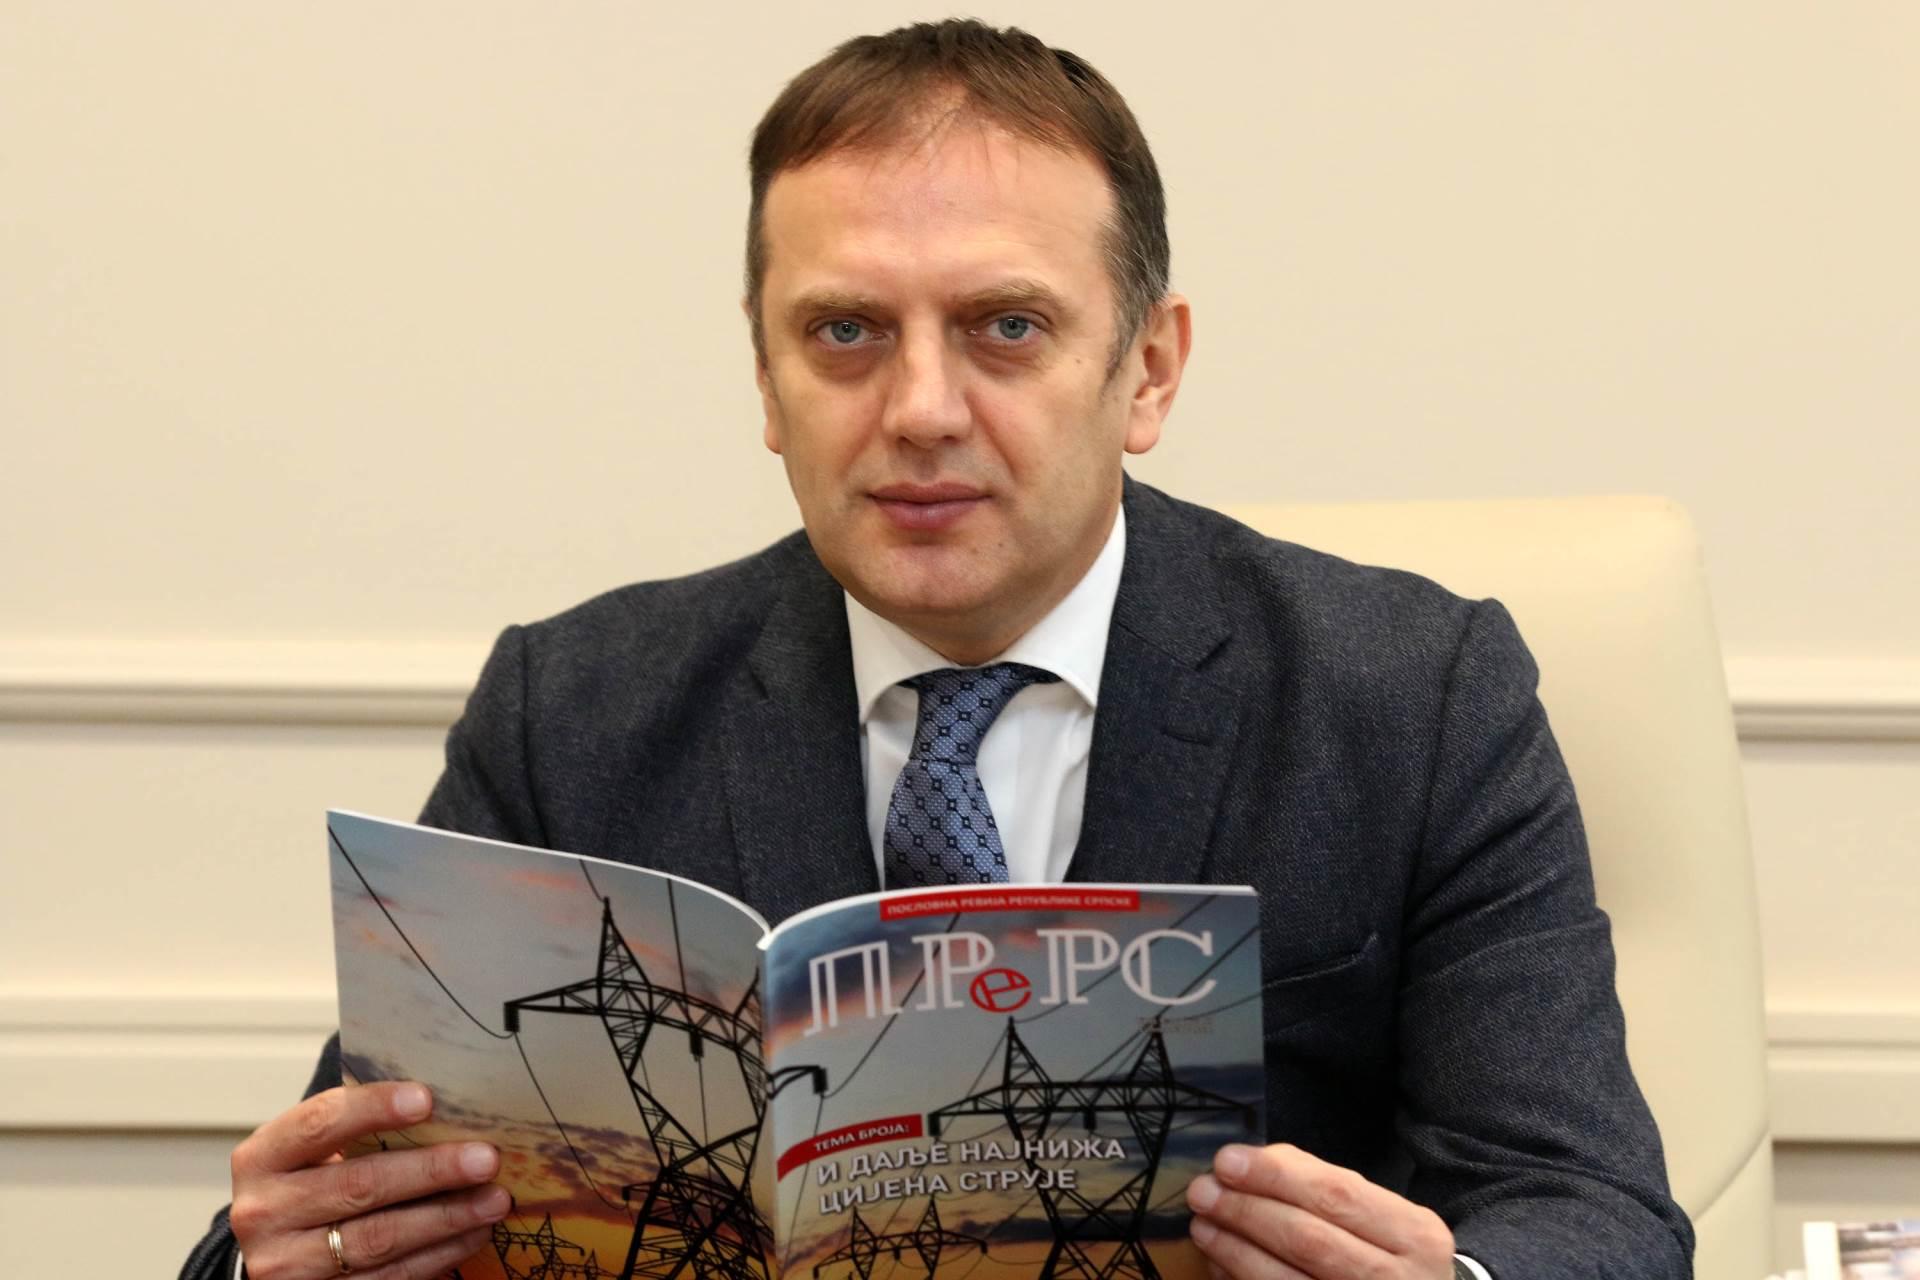 Goran Račić